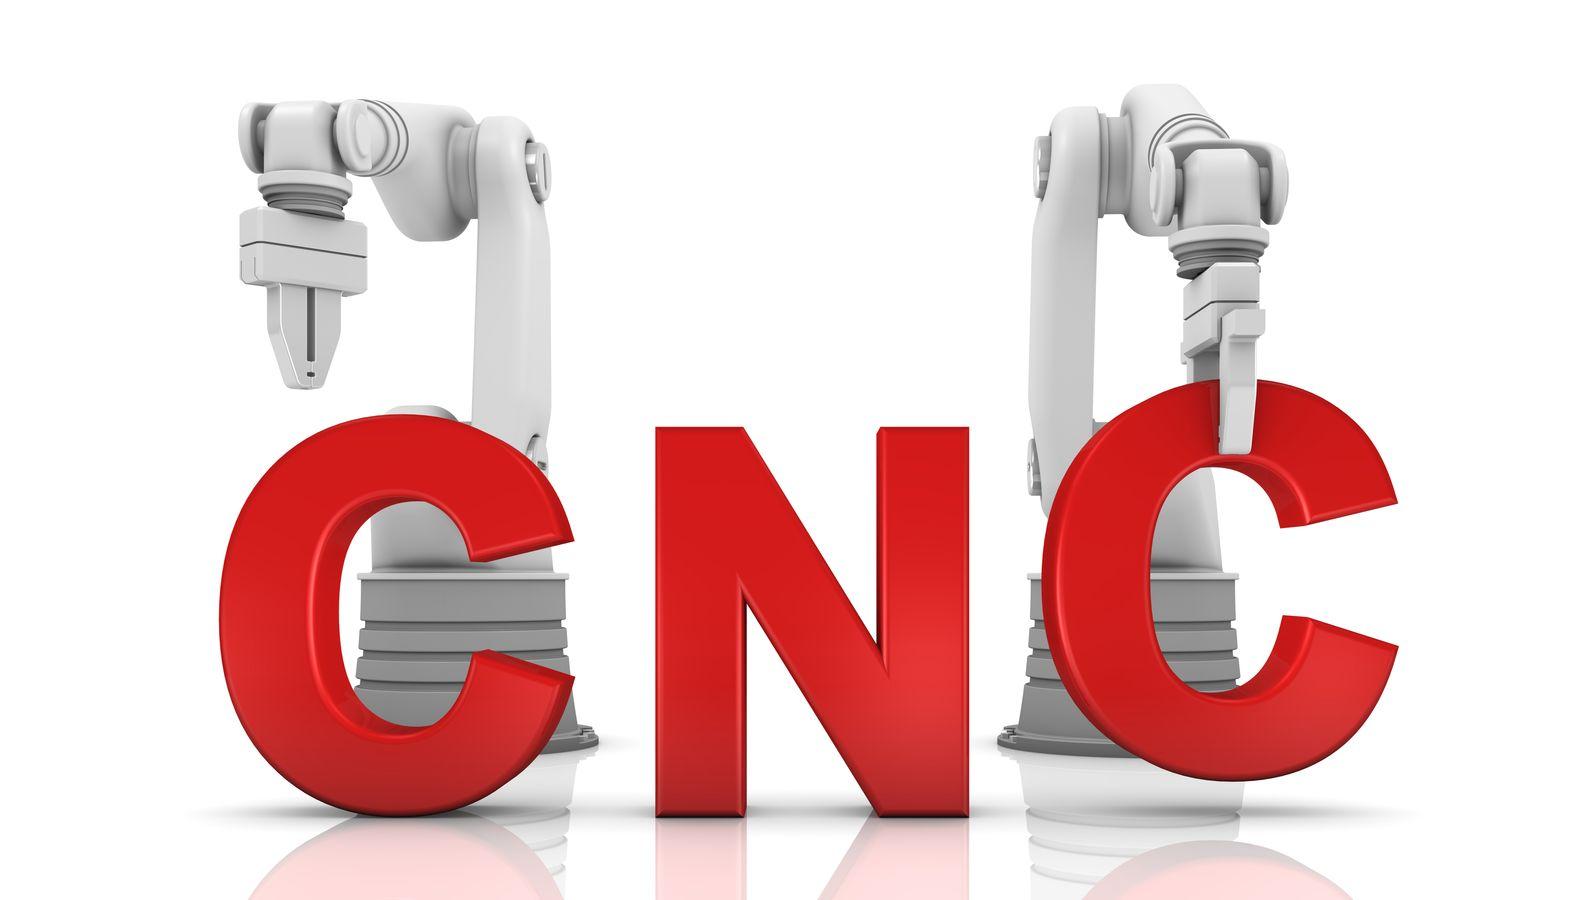 تعرف على انواع ماكينات CNC